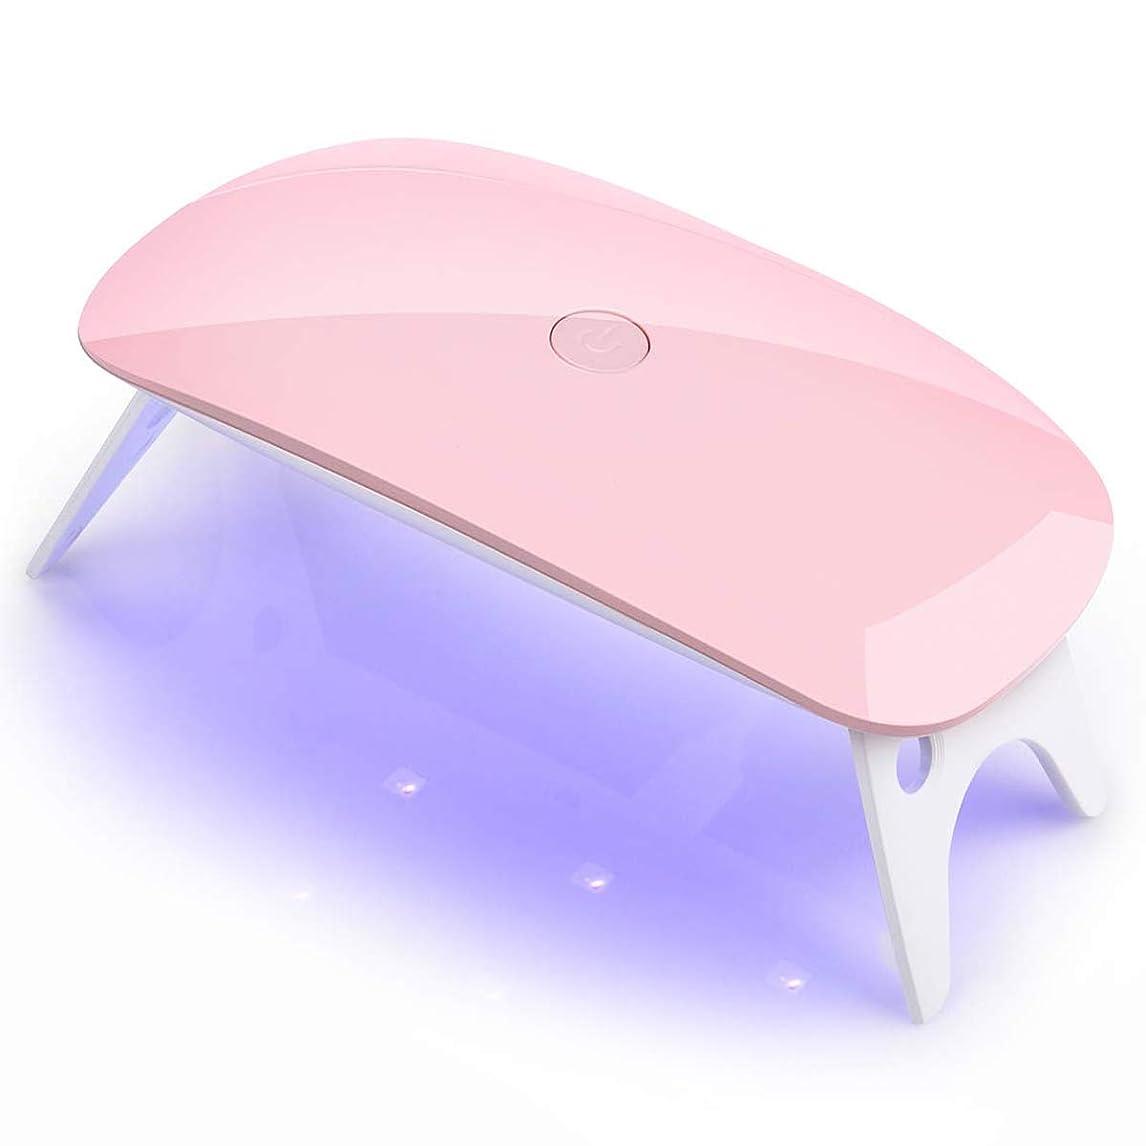 失効探偵修正LEDネイルドライヤー UVライトダブルライト ジェルネイル用 ホワイト 人気 ランキング レジン ピンク キッチンライト